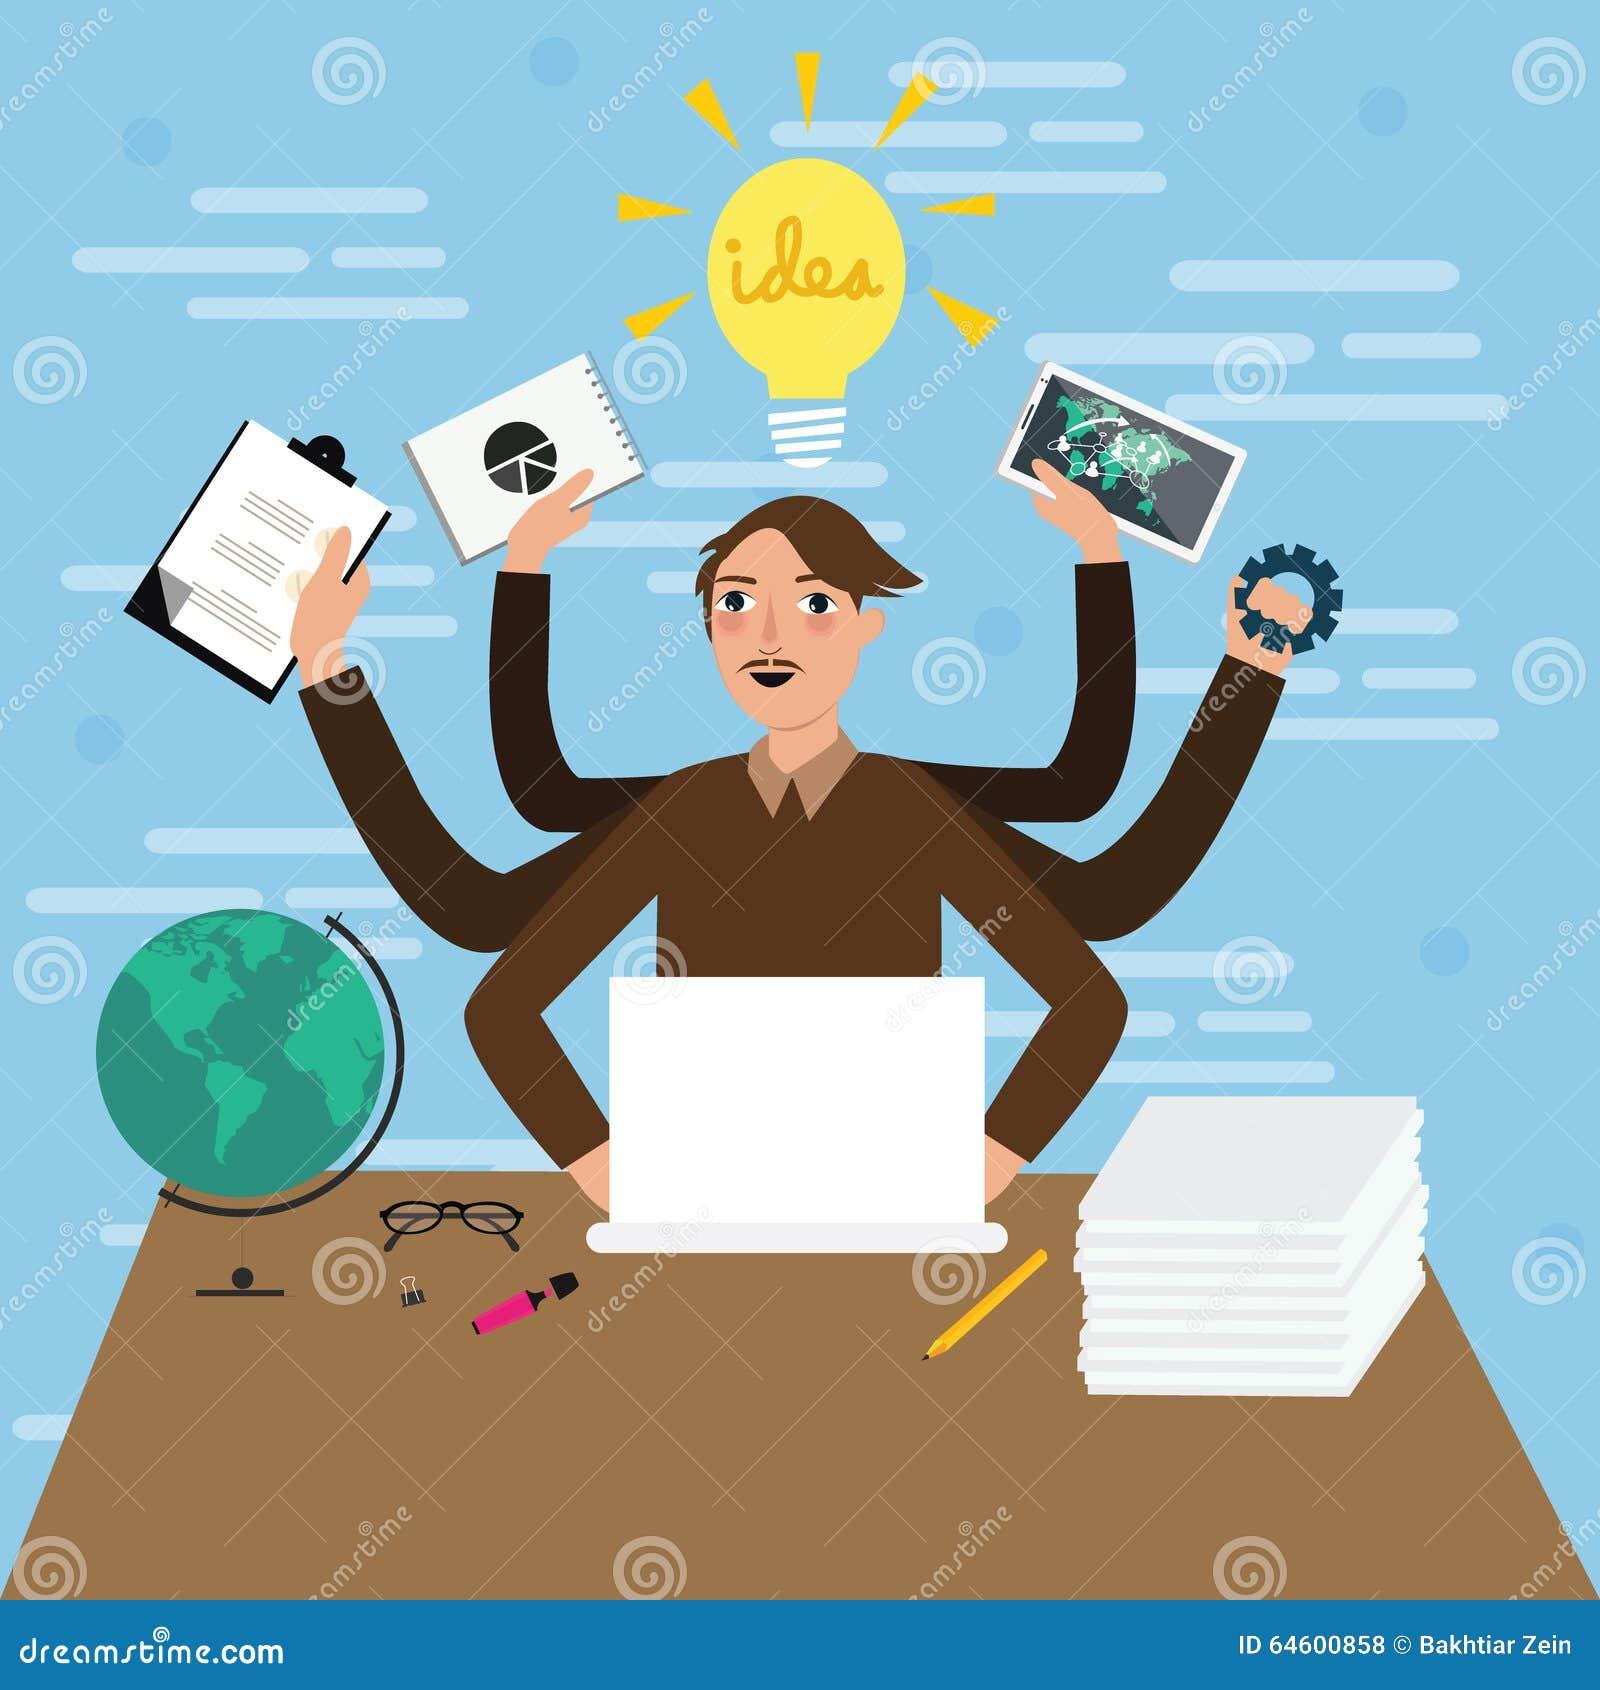 Multitasking essay